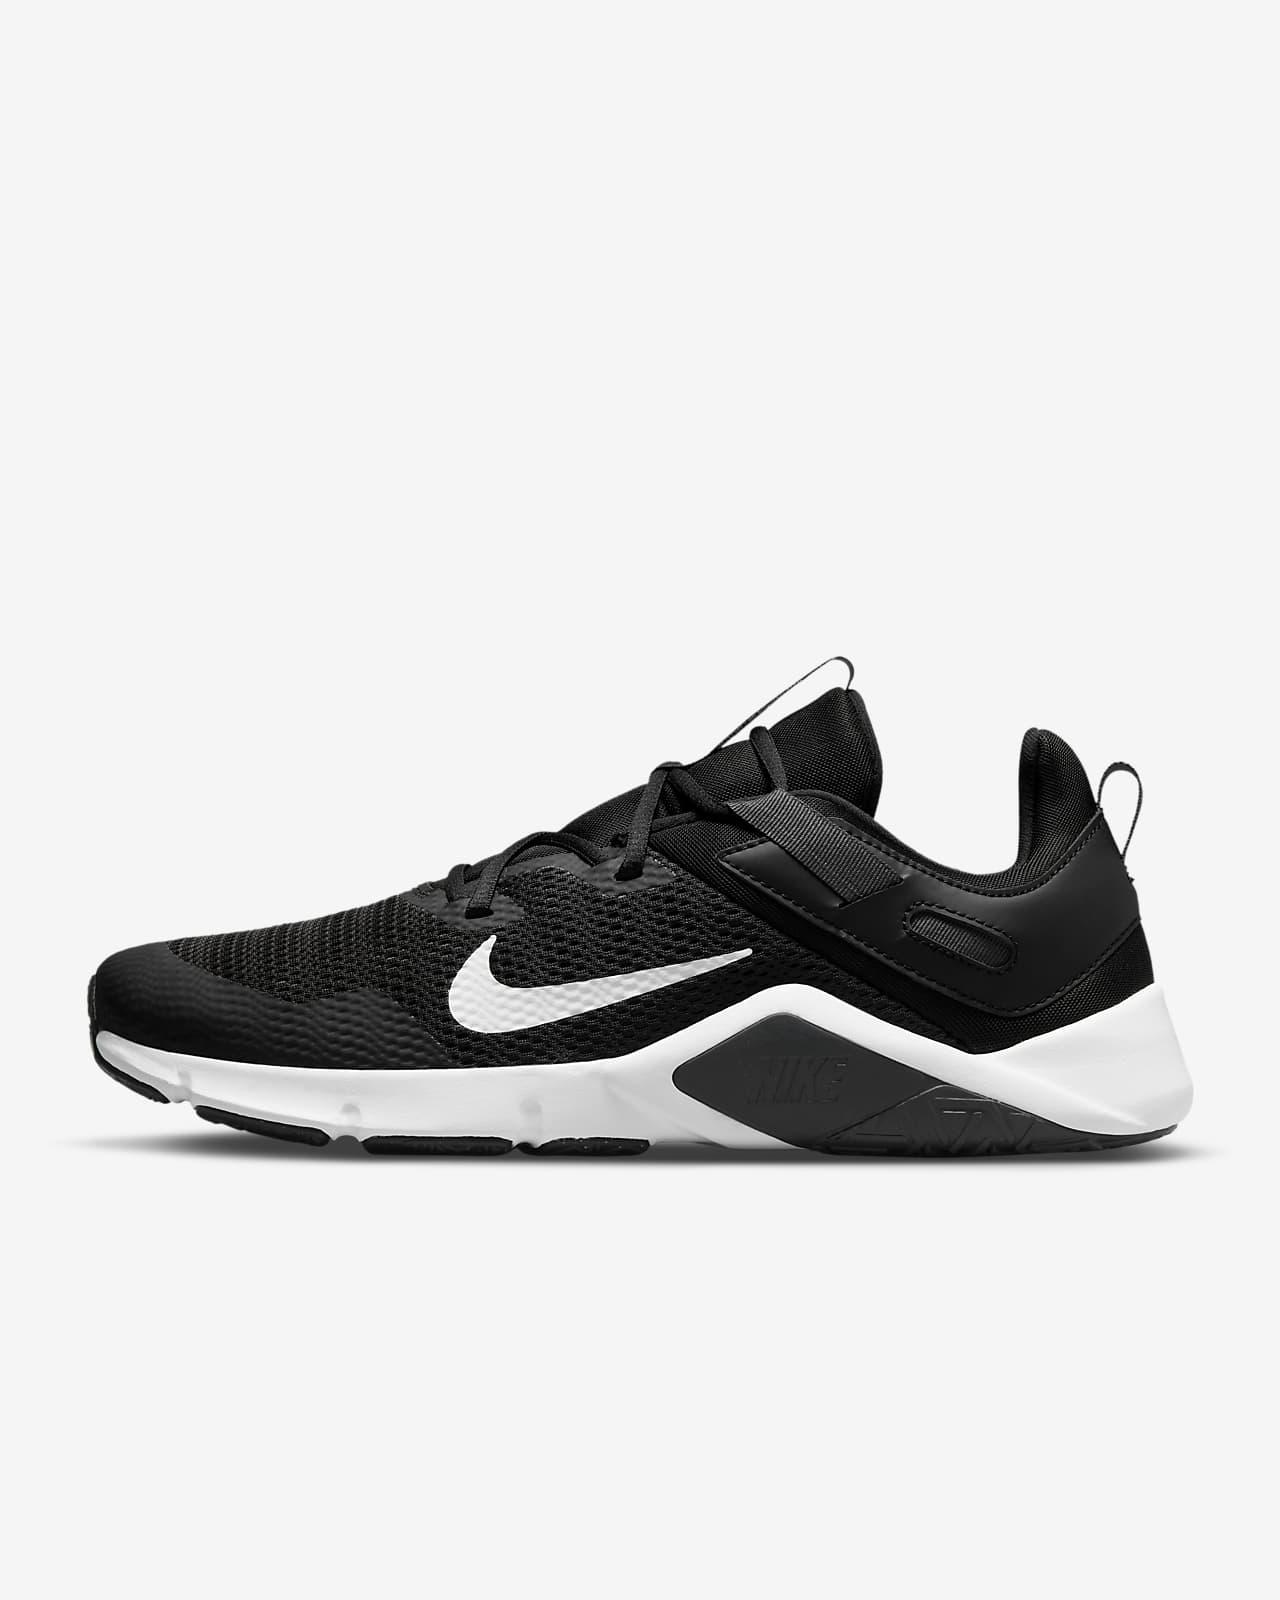 รองเท้าเทรนนิ่งผู้ชาย Nike Legend Essential